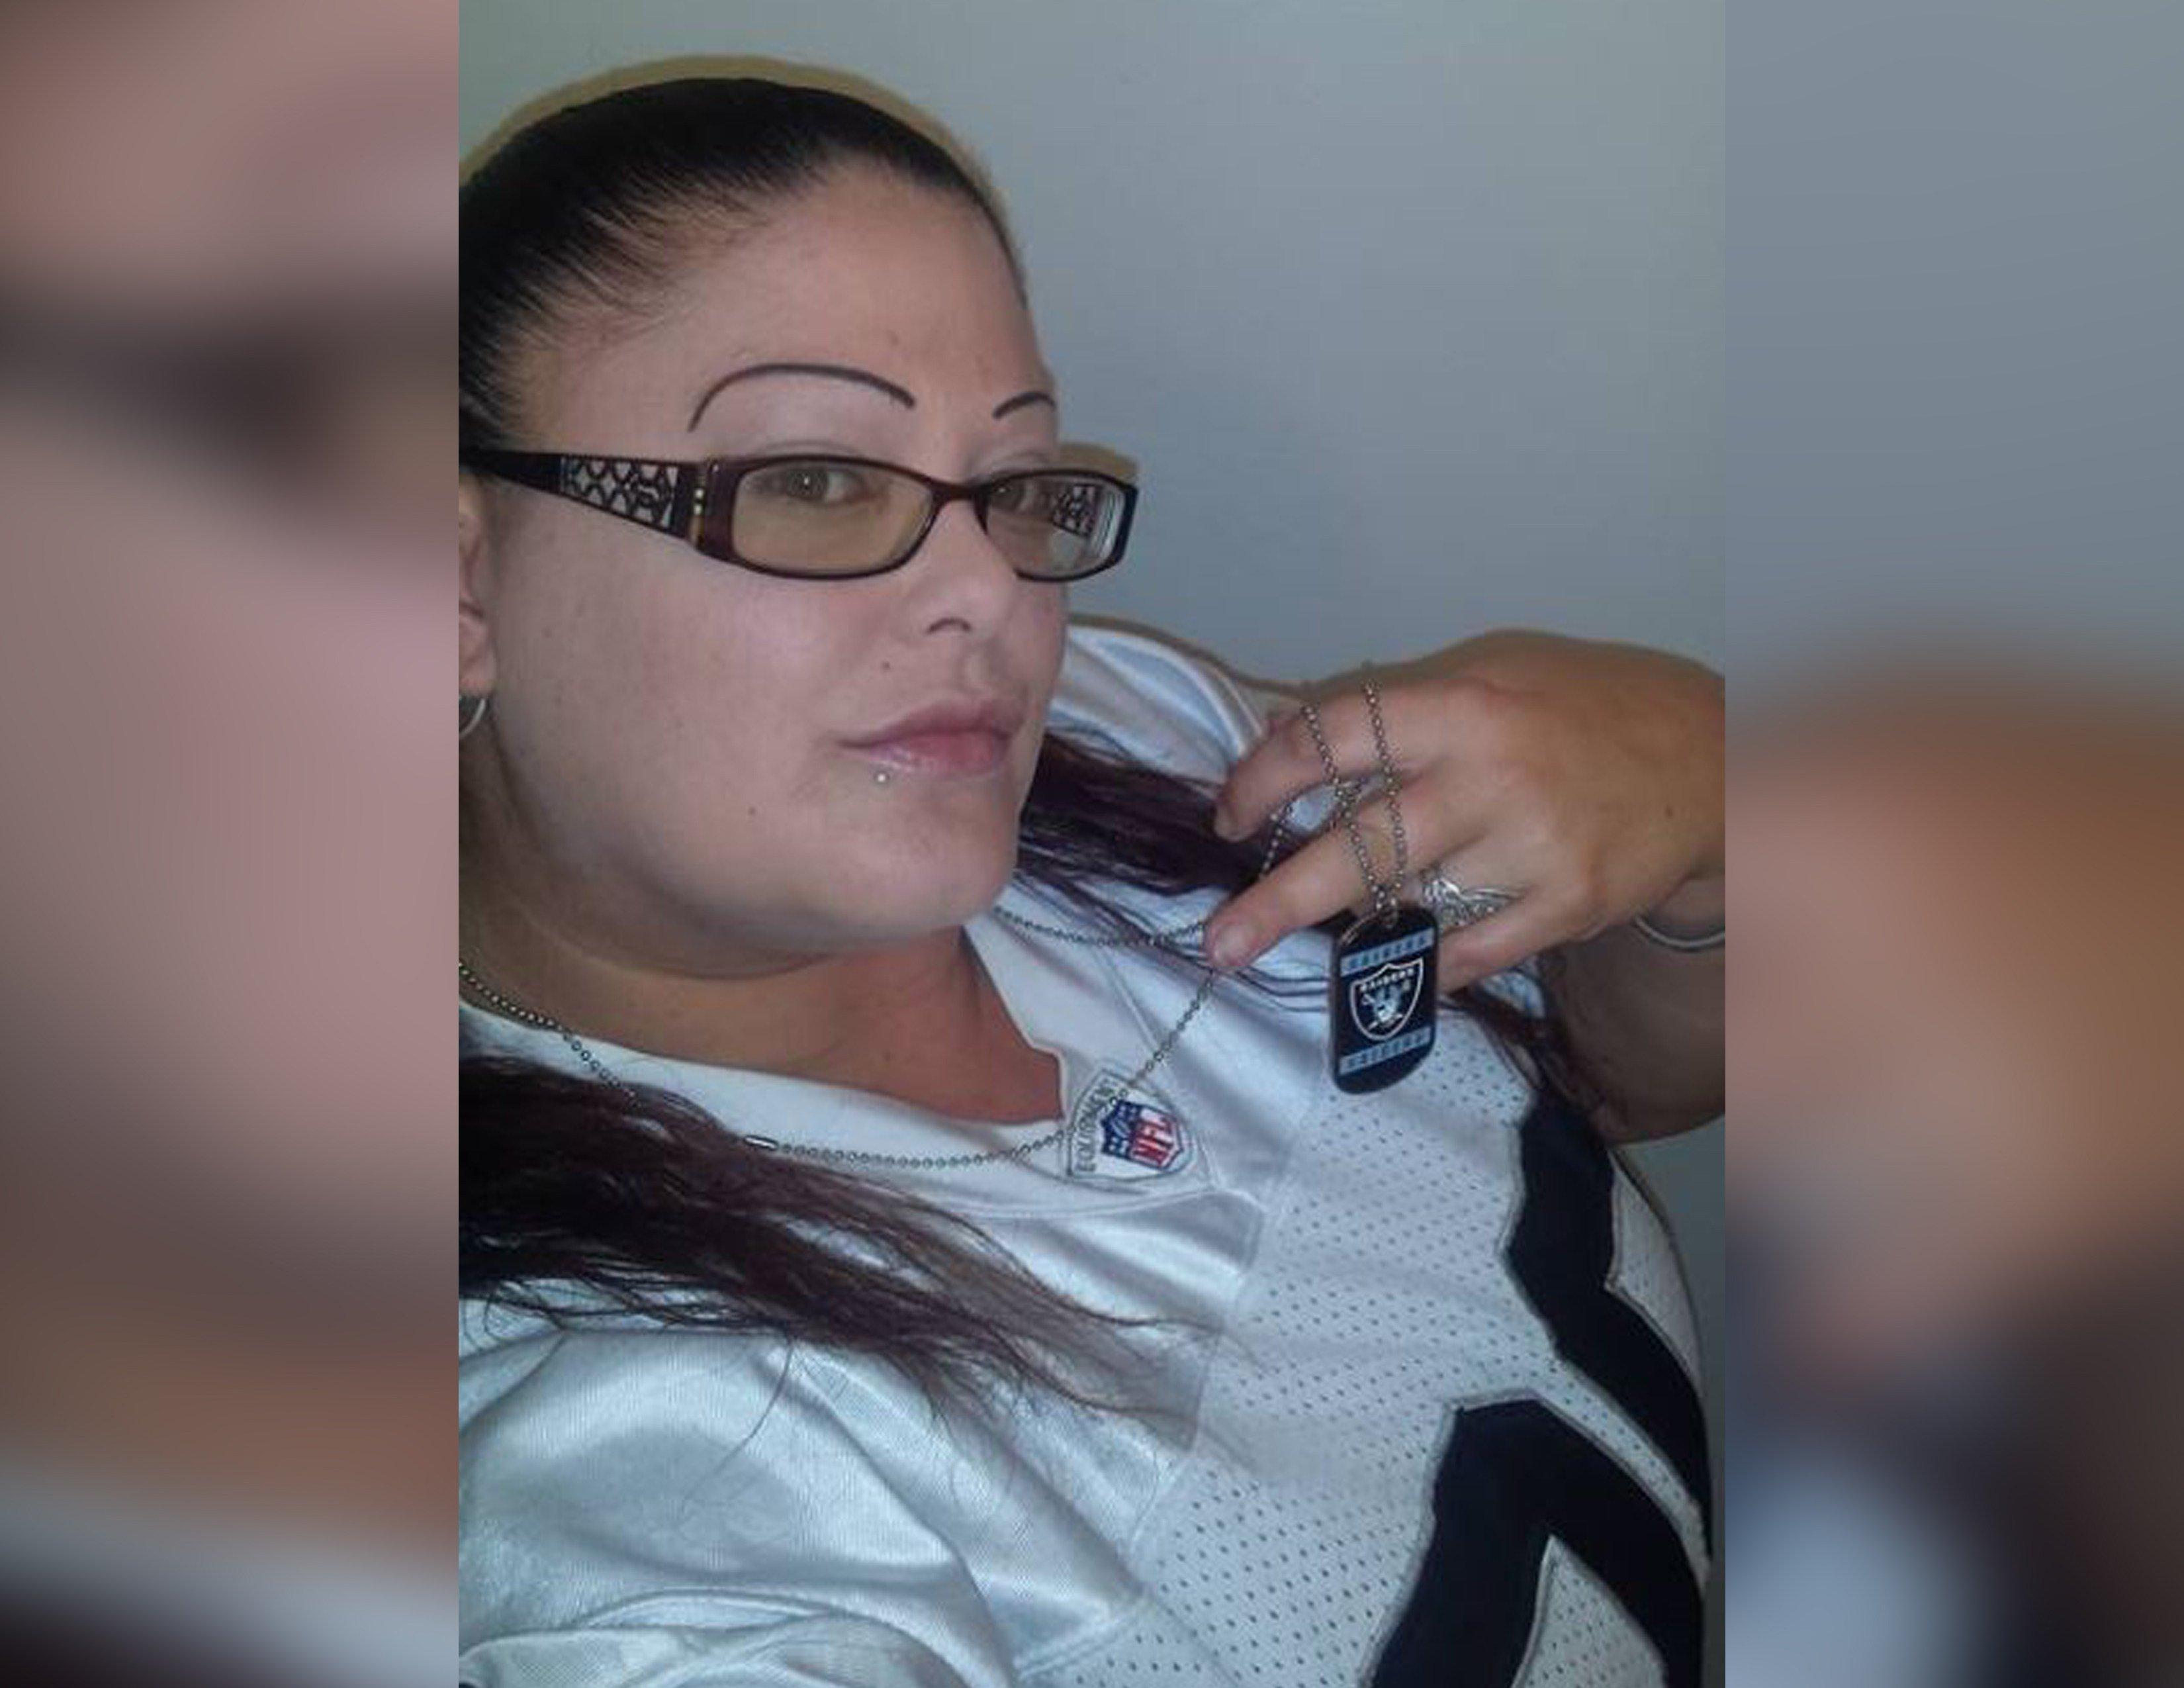 35-year-old Dina Hammond